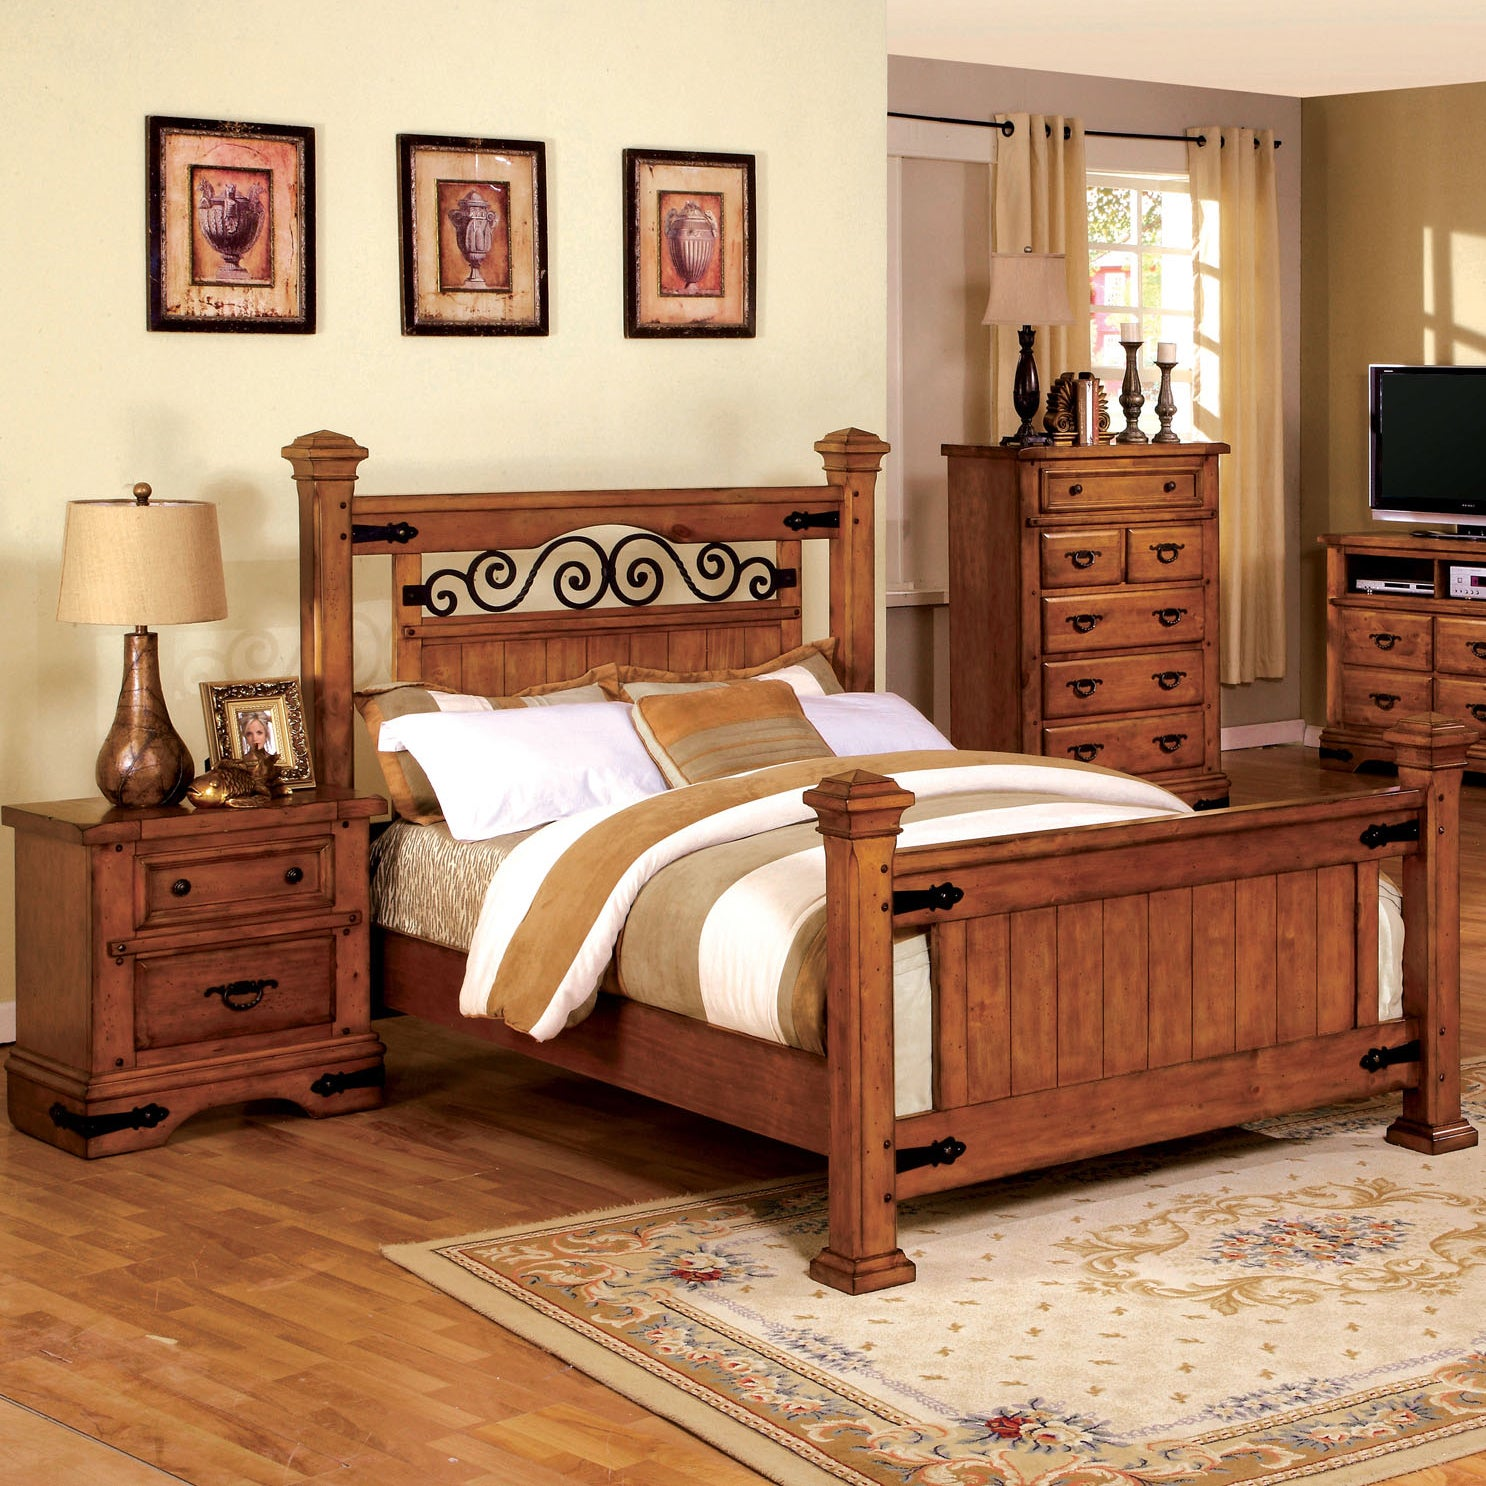 Kết quả hình ảnh cho american oak bed